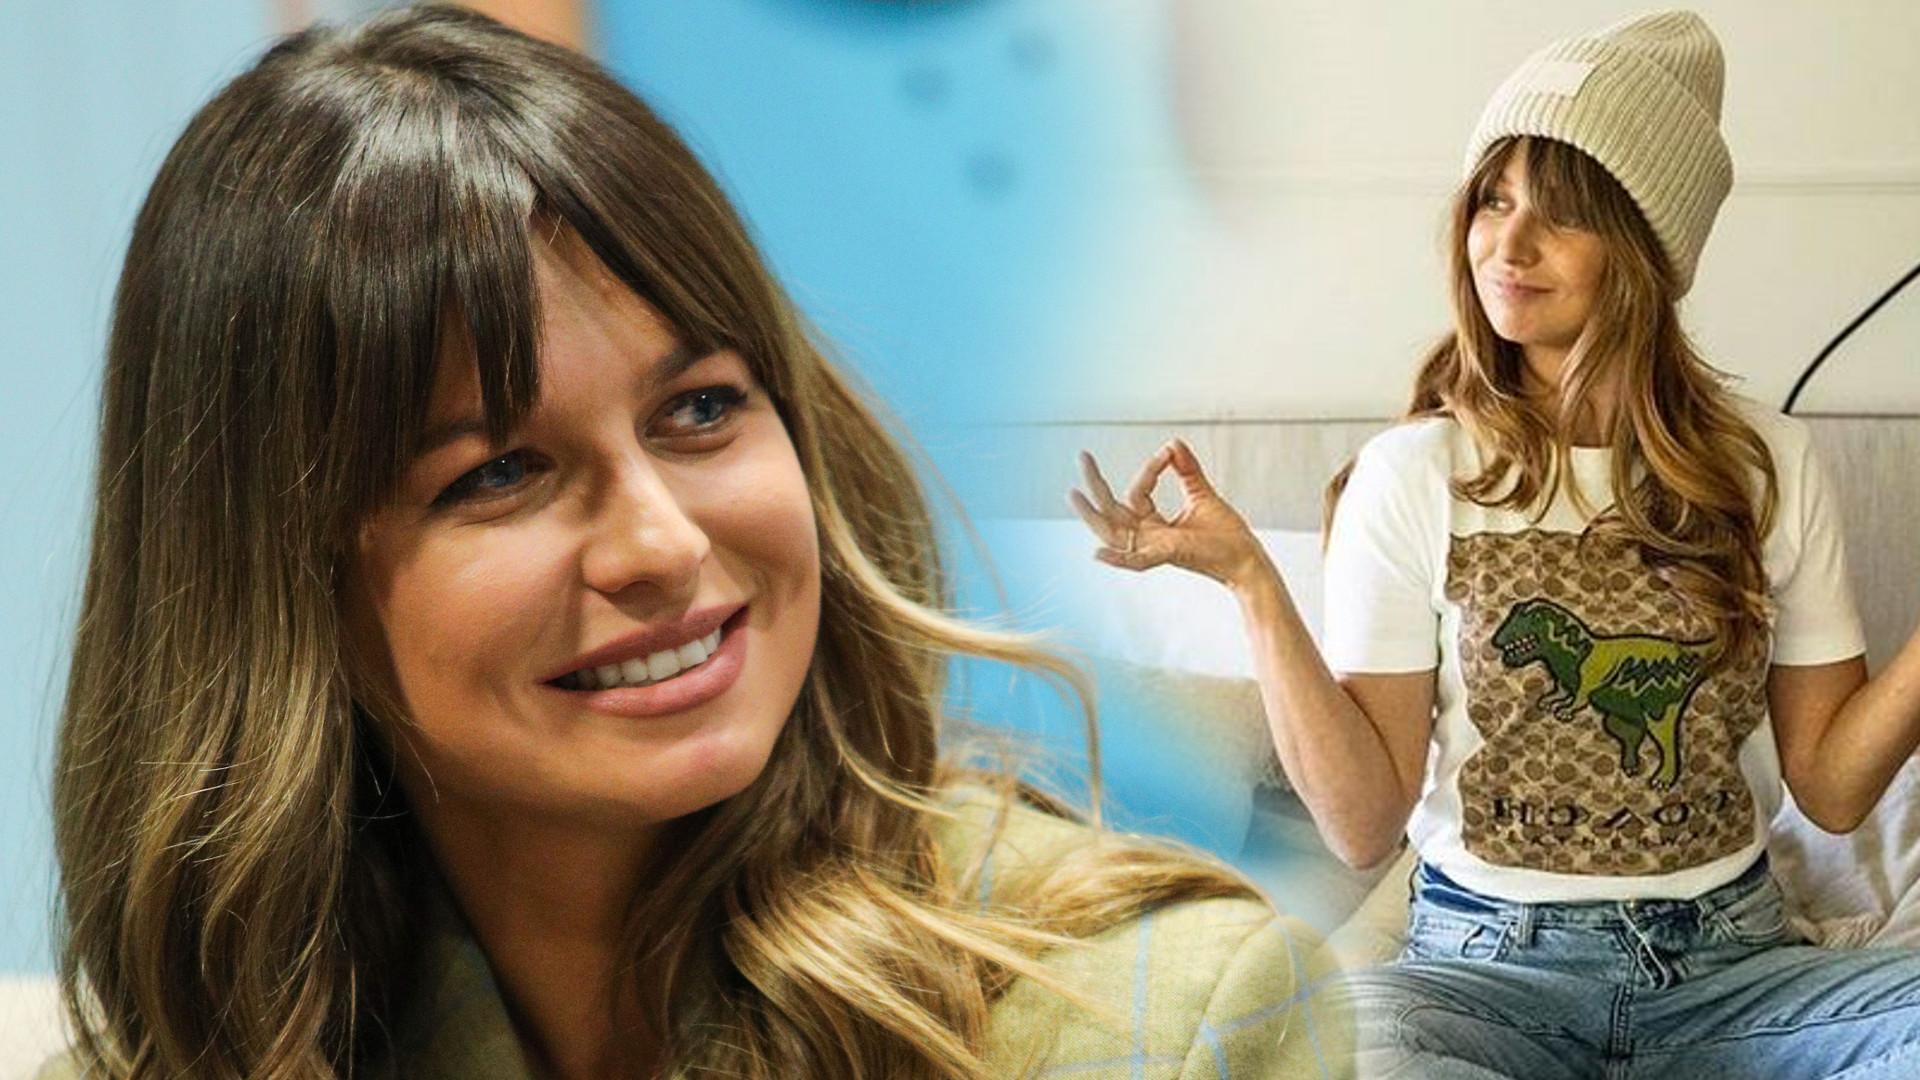 Internautki śmieją się z torebki Anny Lewandowskiej: Większej nie było?